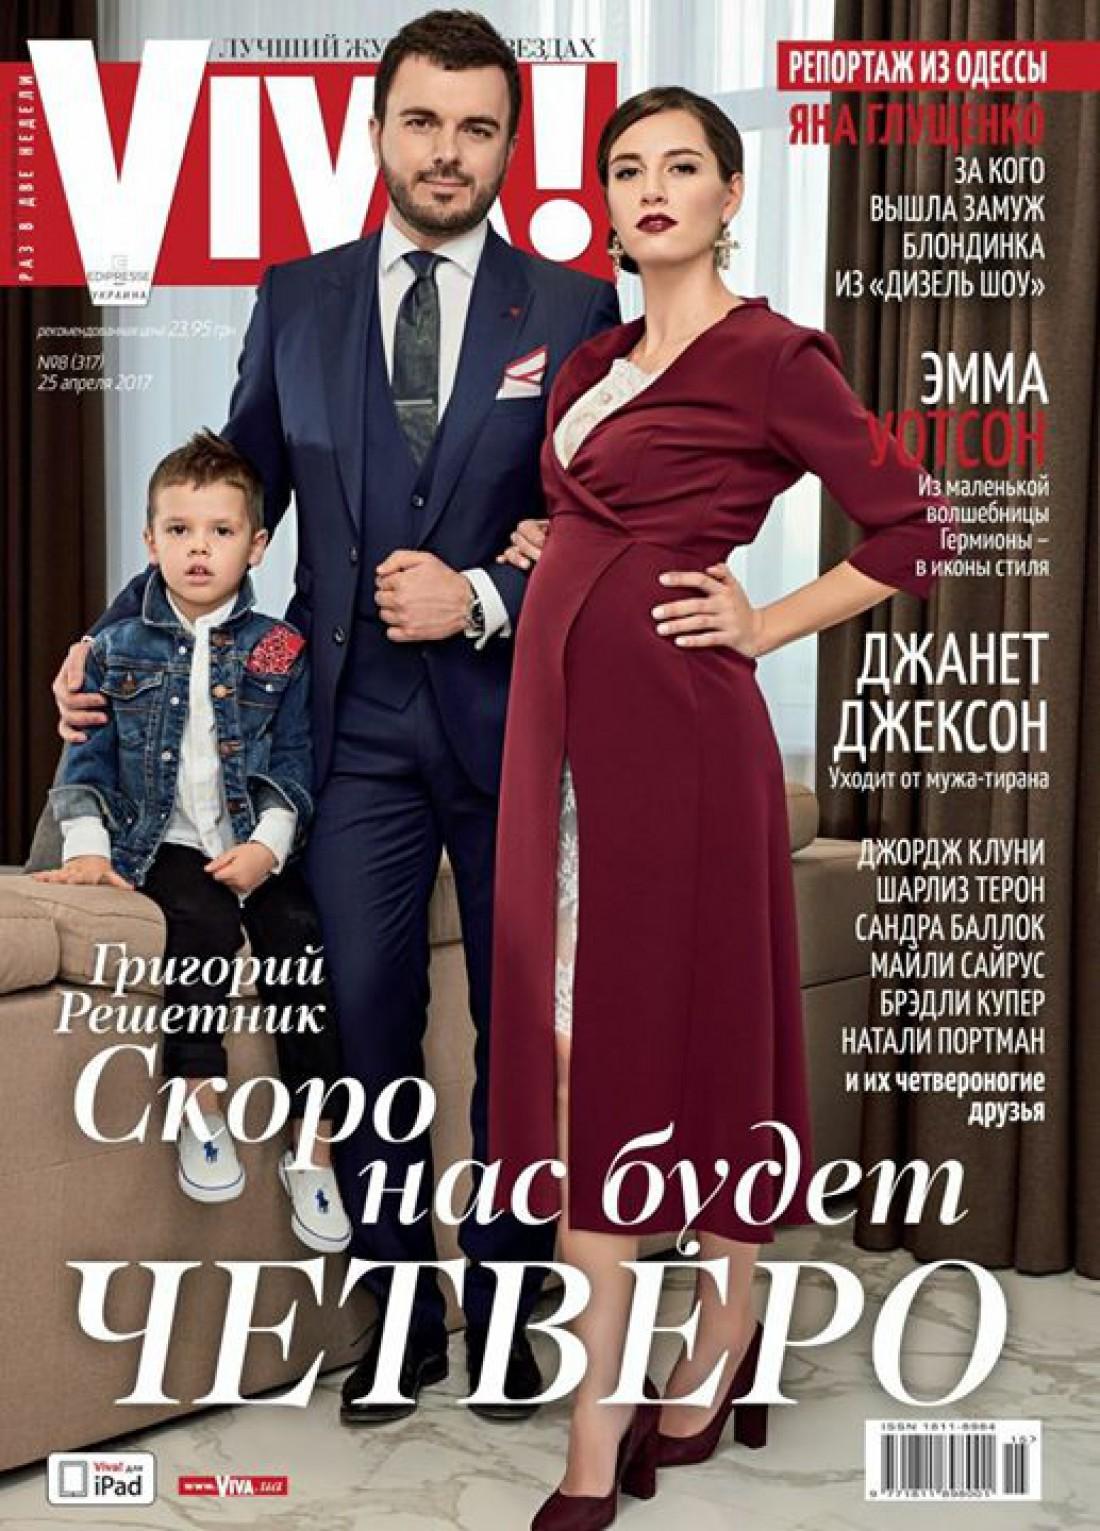 Семья Григория Решетника